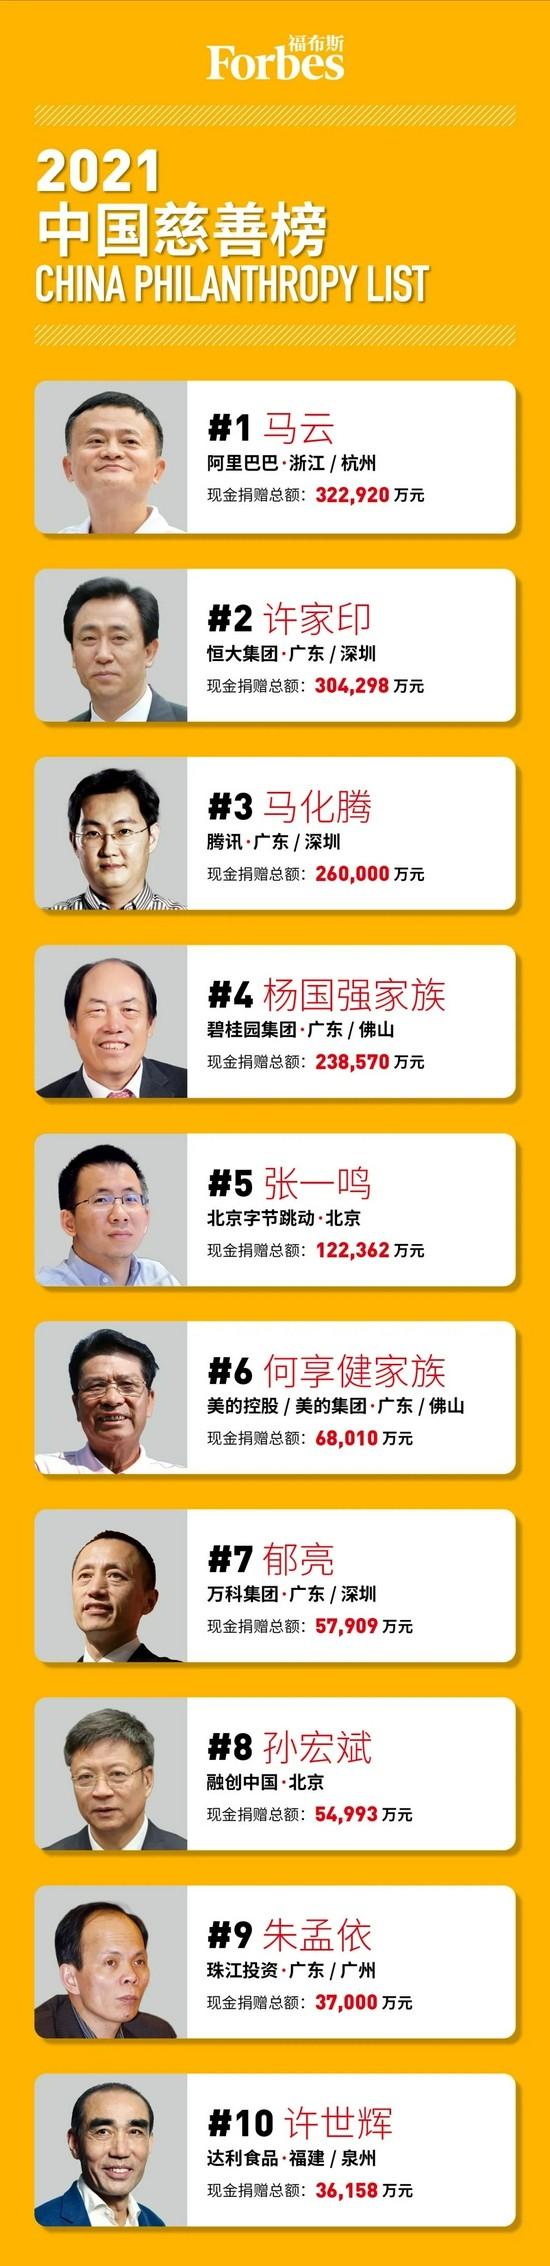 福布斯发布2021中国慈善榜:马云阿里巴巴位列第一!